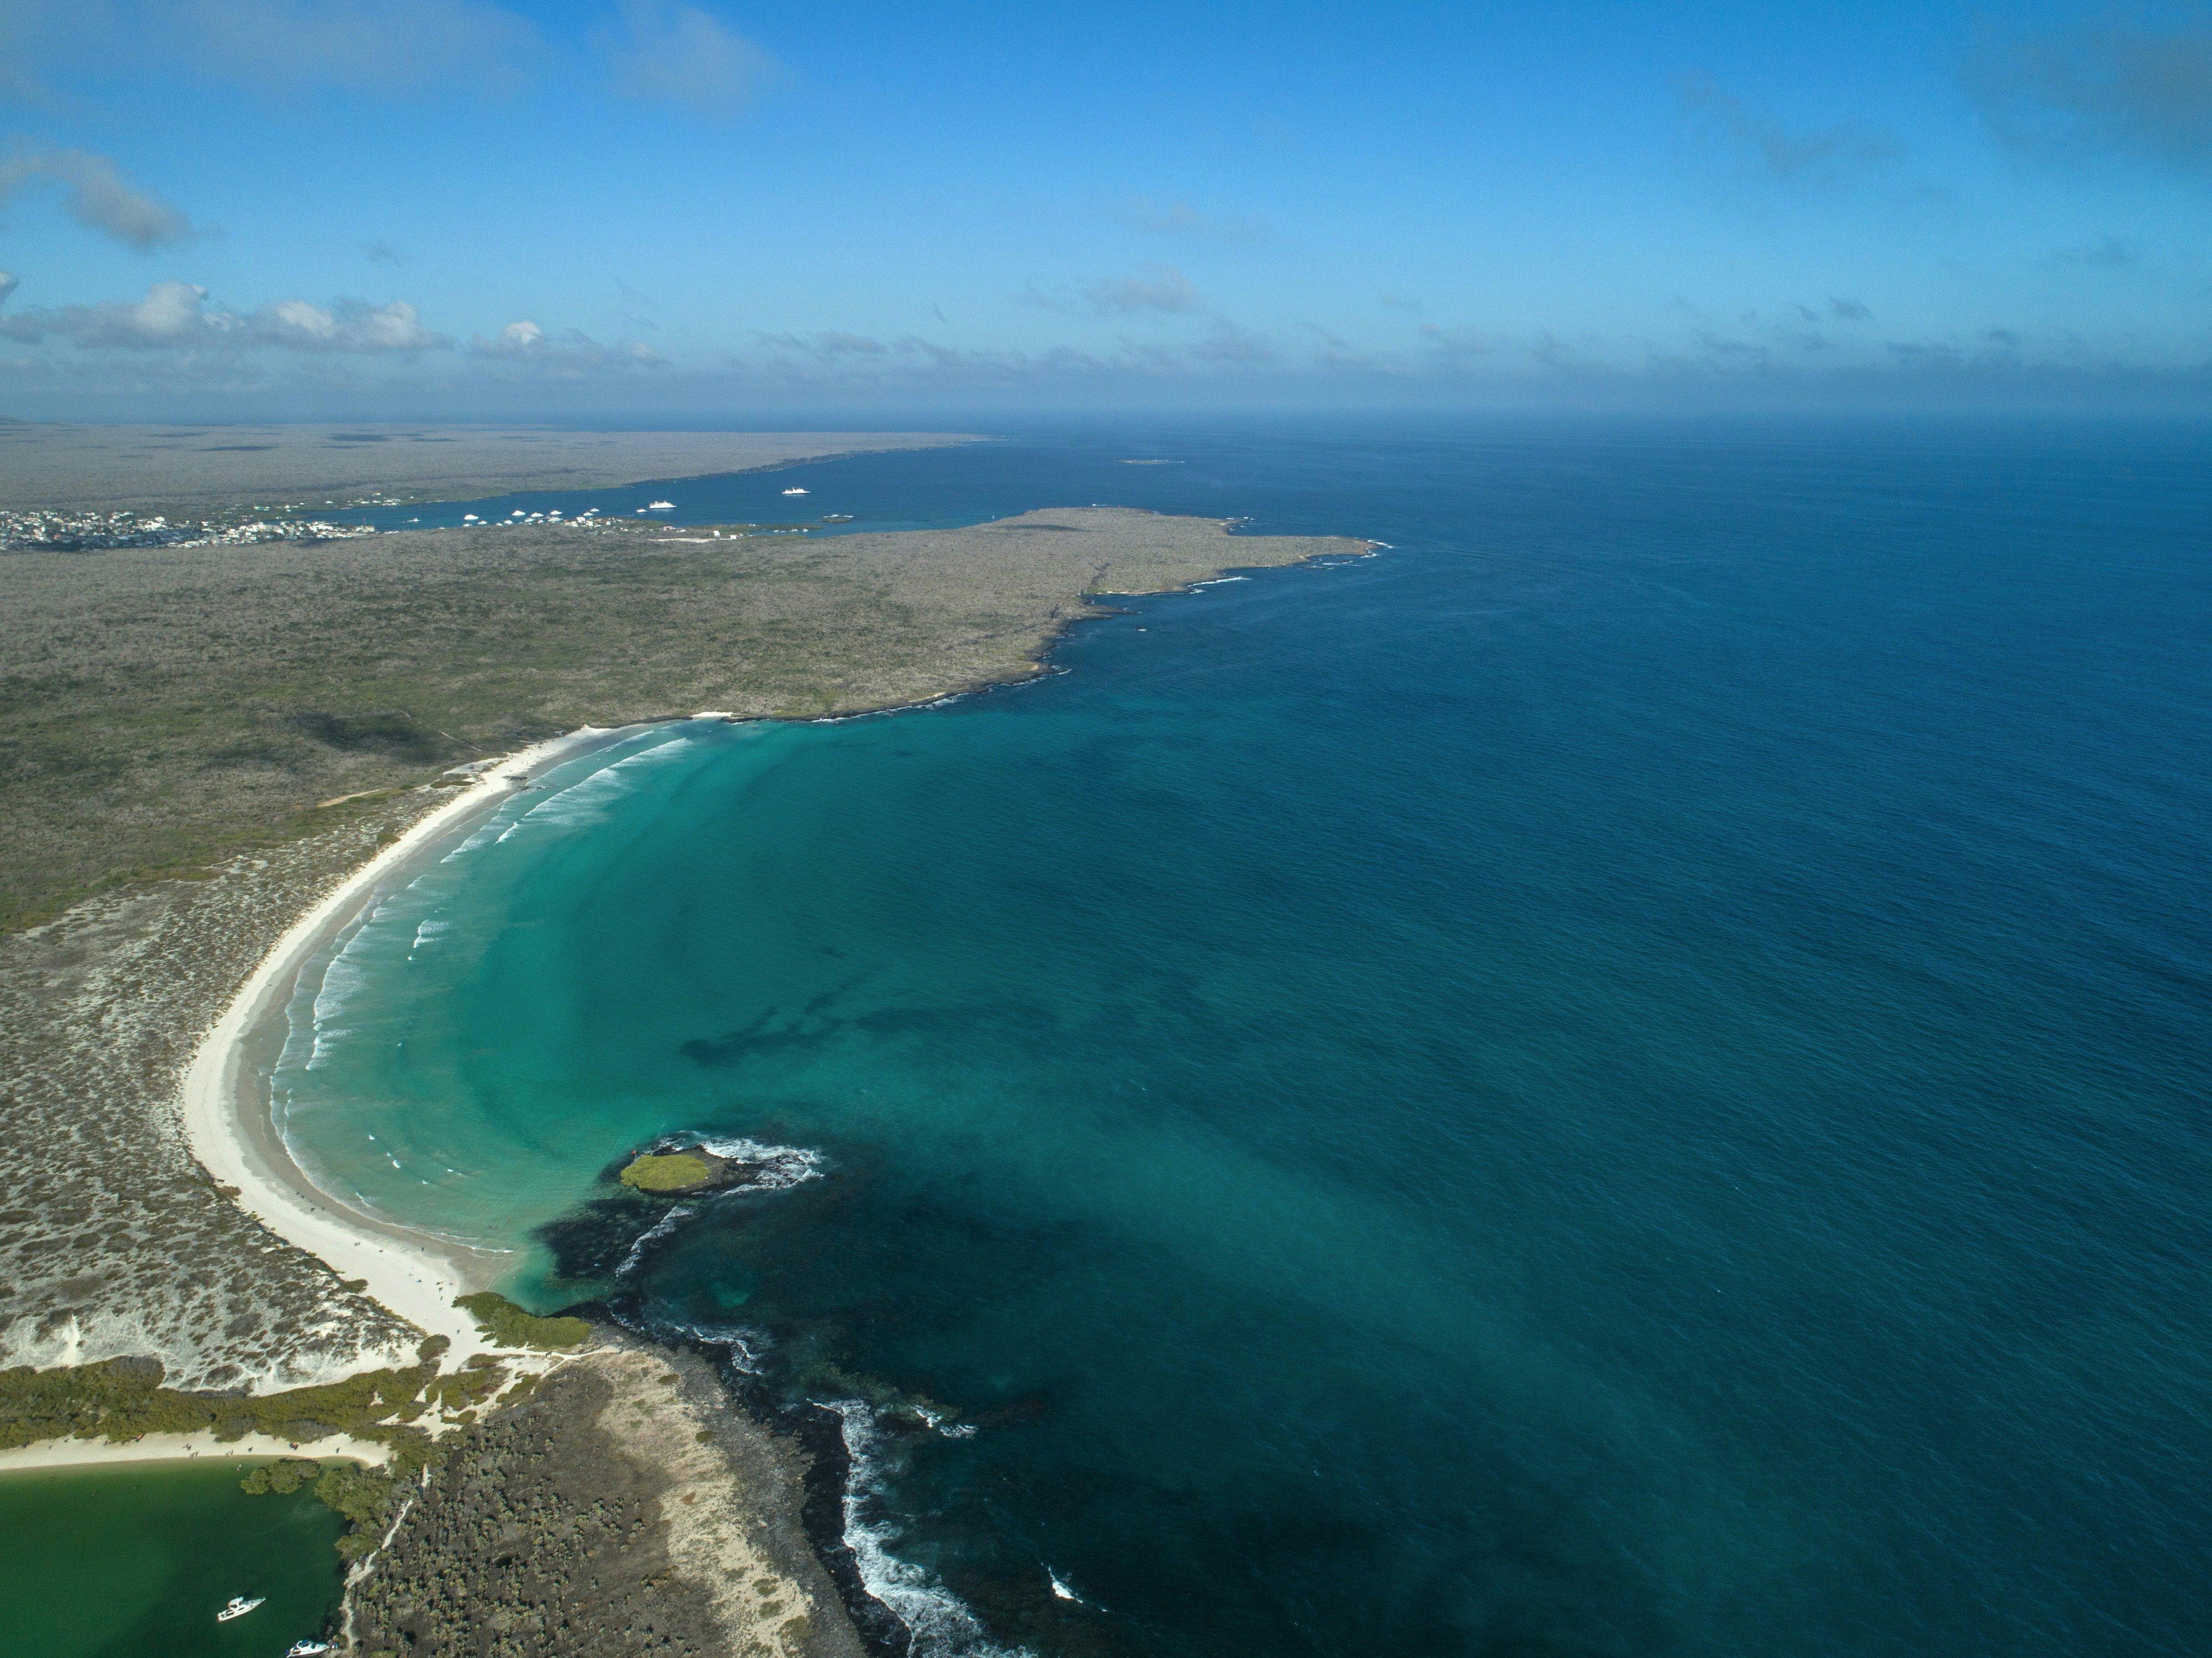 Plástico ameaça vida no paraíso de Galápagos